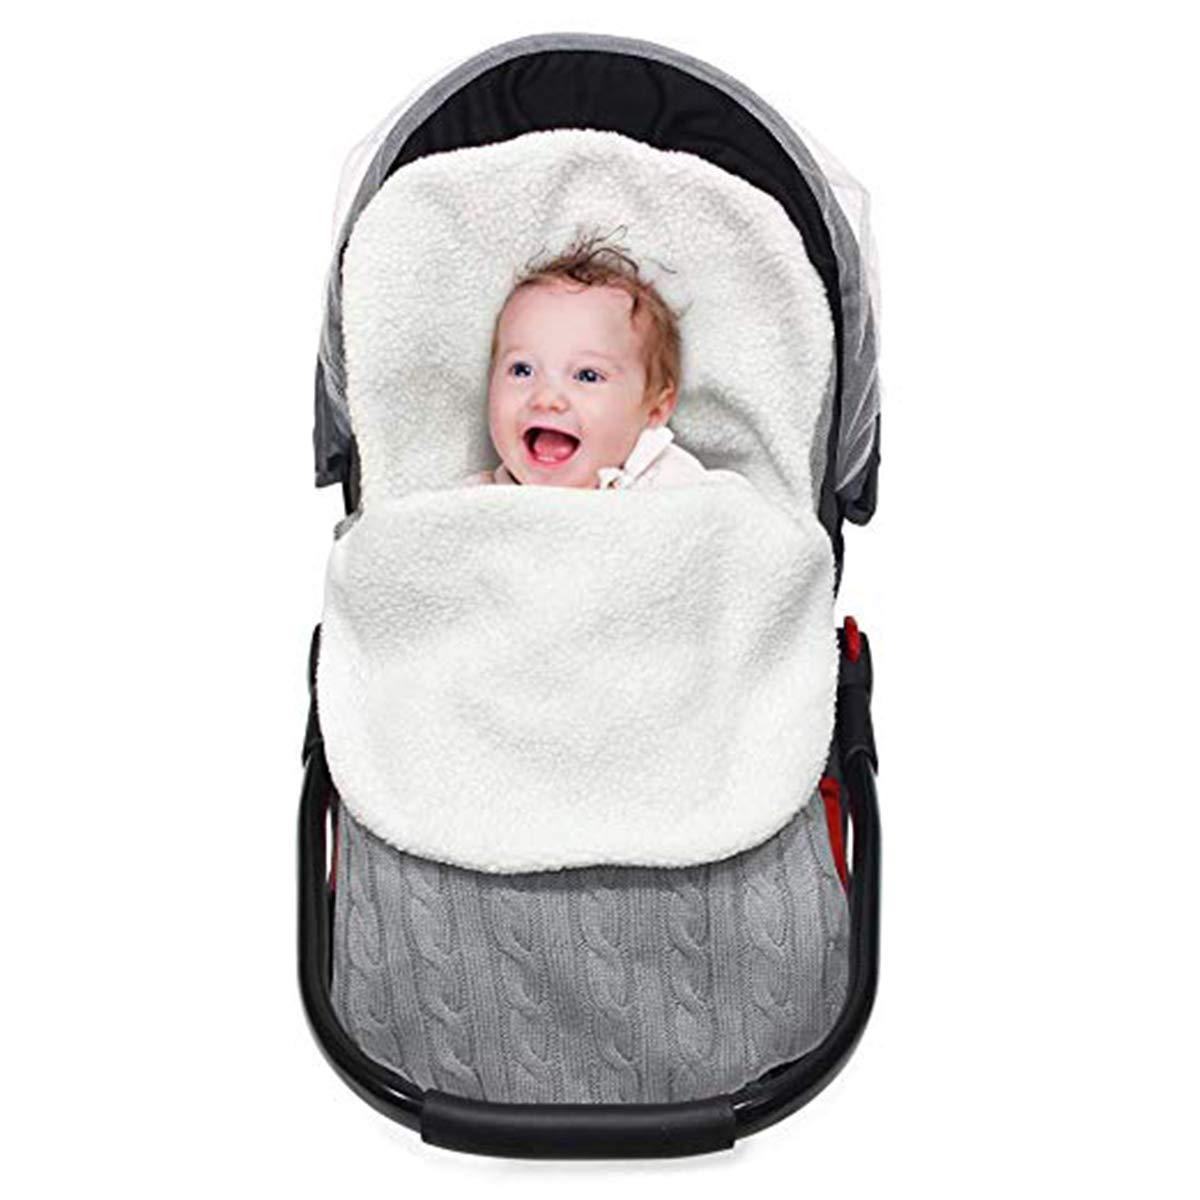 BB Hapeayou Sac de Couchage en Tricot pour bébé avec Cache-Couche en Molleton épais et Chaud pour bébé de 0 à 12 Mois, garçon, Filles (Gris) garçon